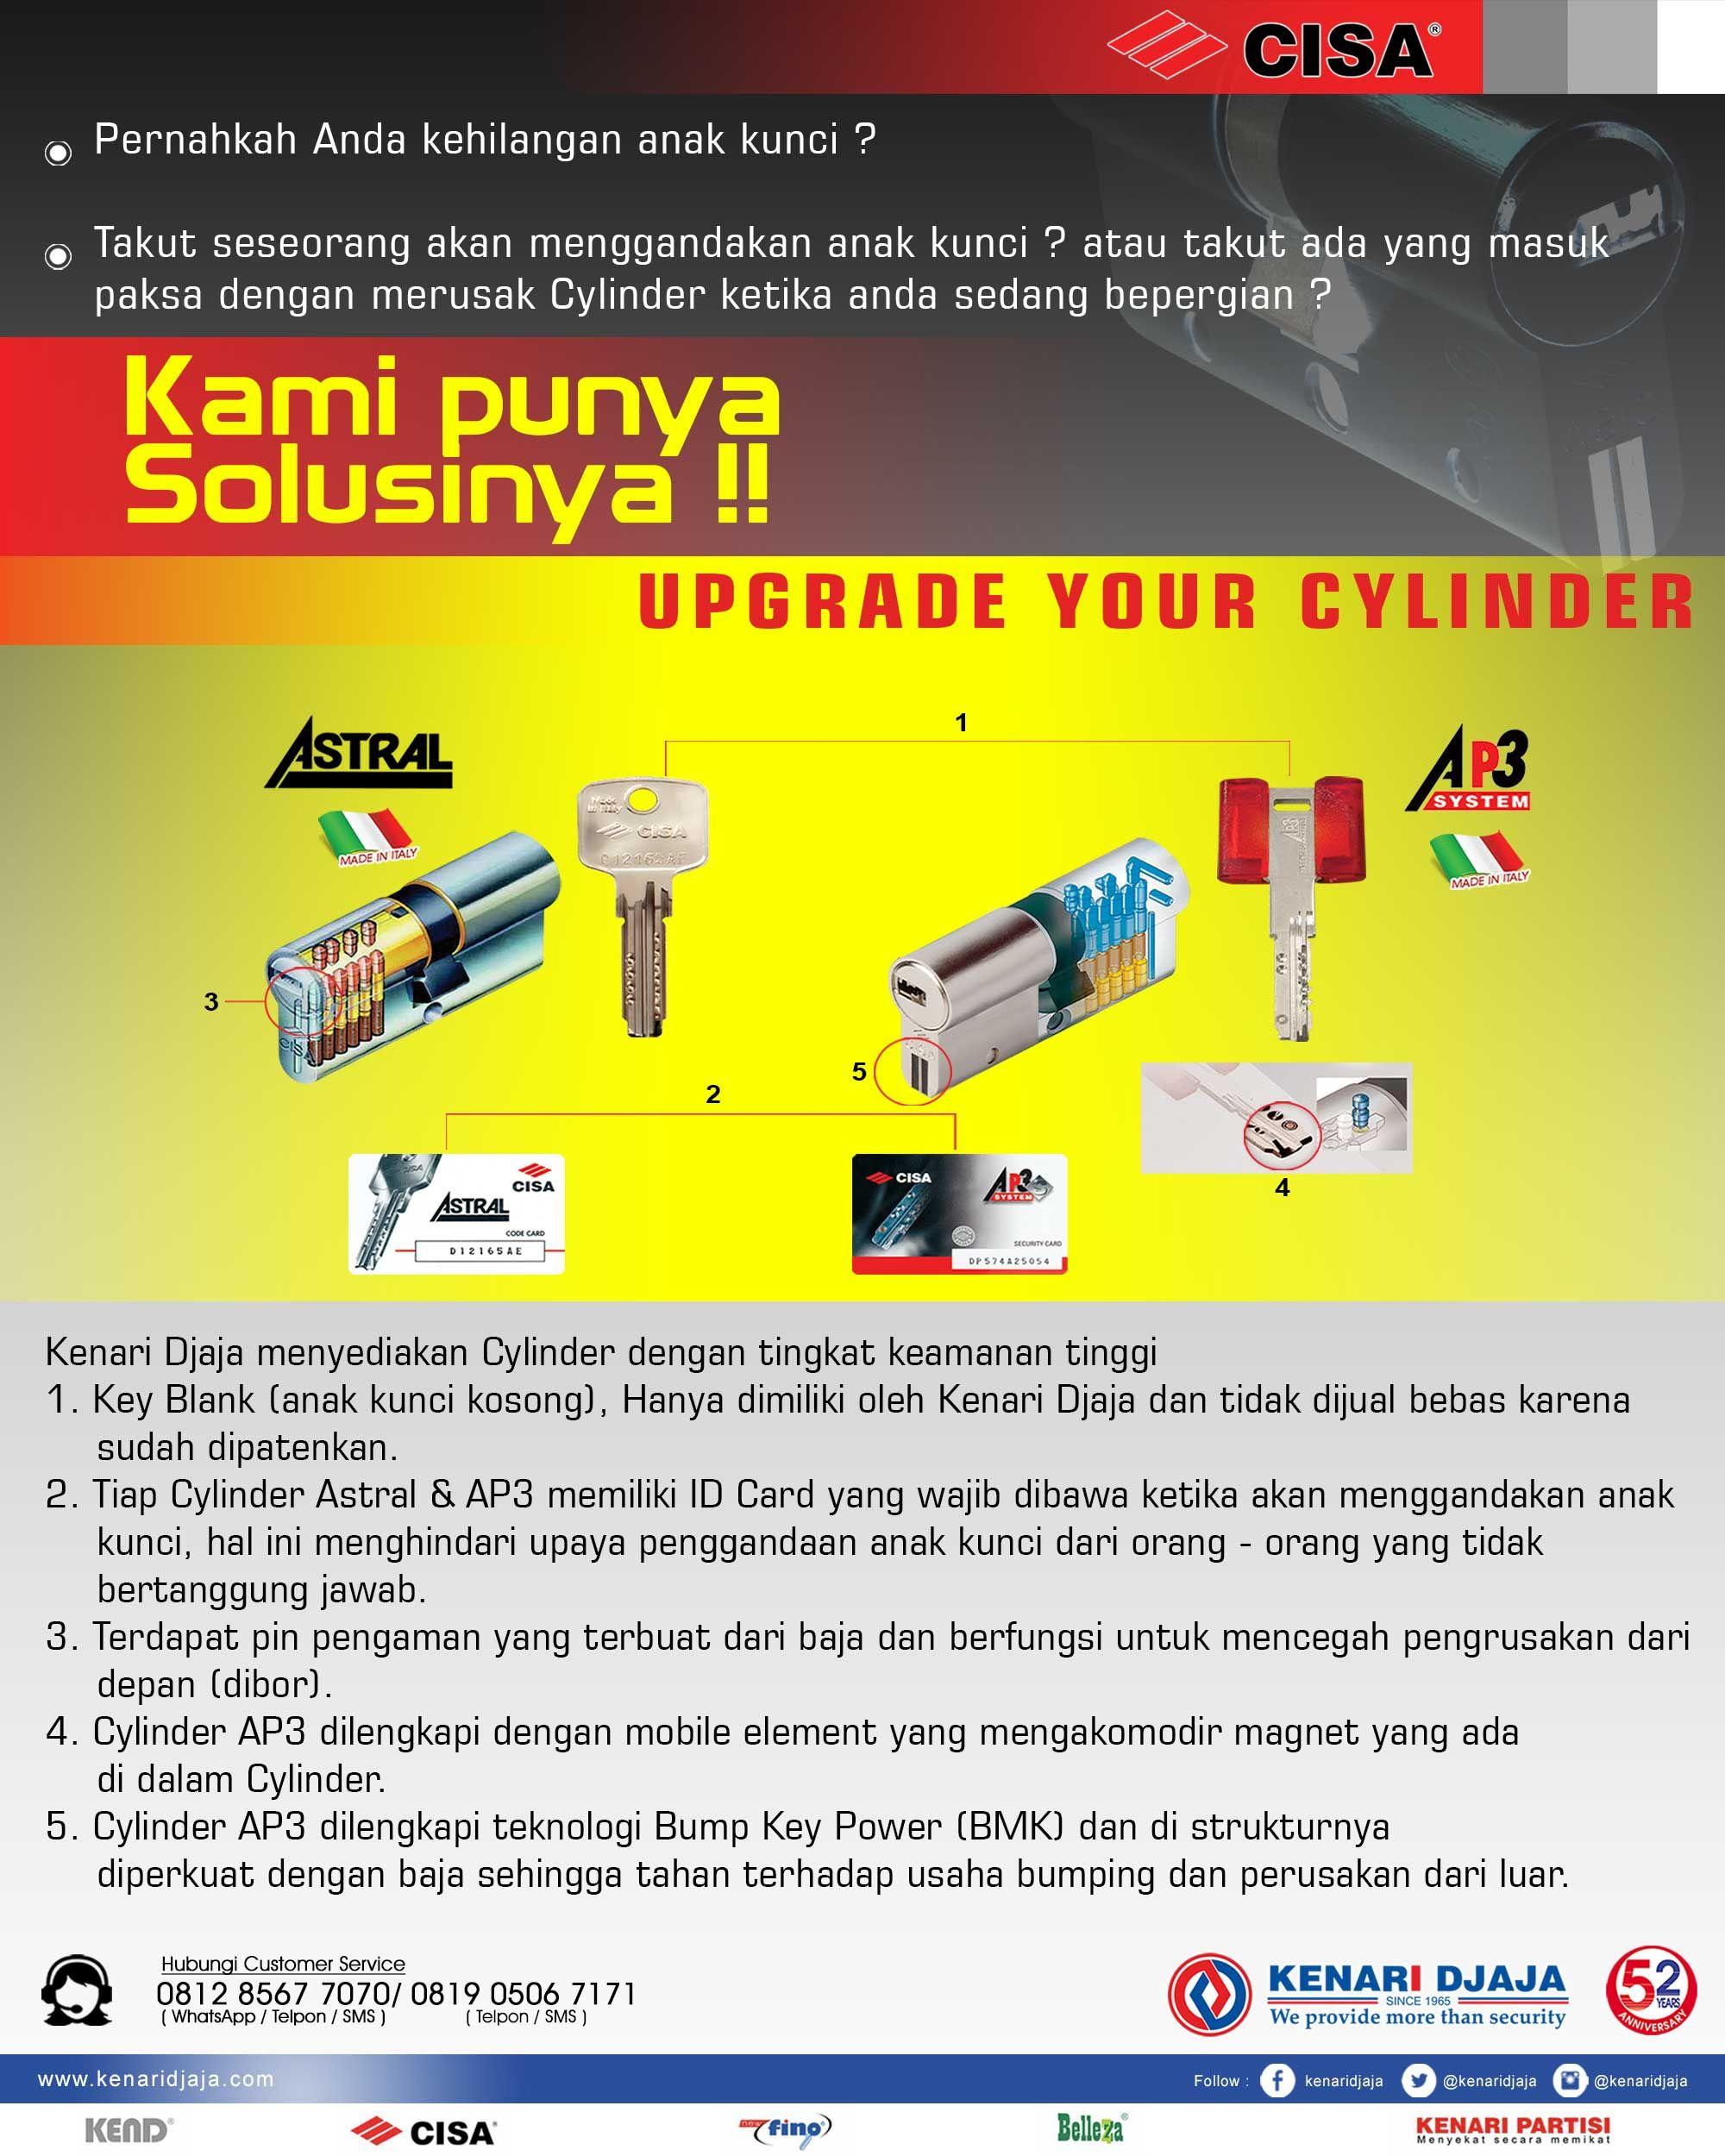 Pemilihan Cylinder Yang Tepat Sangat Penting Untuk Keamanan Rumah Anda ... Dapatkan Cylinder Yang Tingkat Keamanannya Tinggi Hanya di Kenari Djaja .. Segera Kunjungi Showroom Terdekat Kenari Djaja  Informasi Hub. : Ibu Tika 0812 8567 7070 ( WA / Telpon / SMS / Telegram ) 0819 0506 7171 ( Telpon / SMS )  Email : digitalmarketing@kenaridjaja.co.id  [ K E N A R I D J A J A ] PELOPOR PERLENGKAPAN PINTU DAN JENDELA SEJAK TAHUN 1965